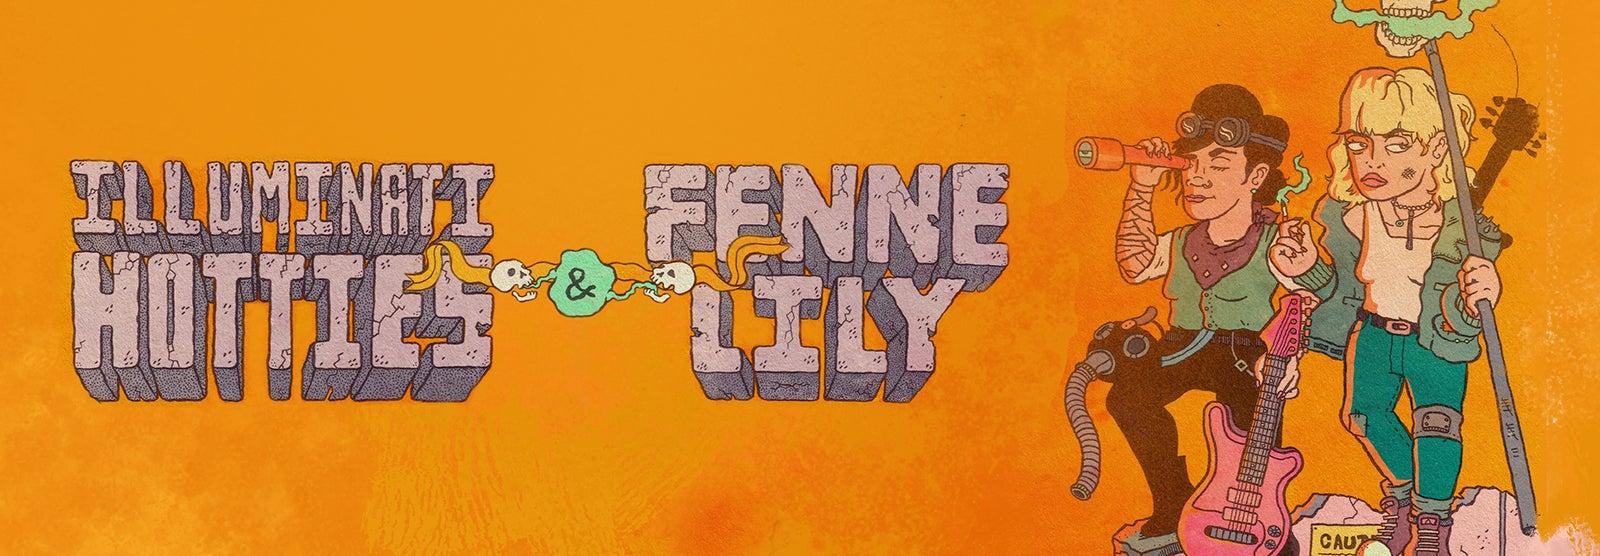 Illuminati Hotties & Fenne Lily